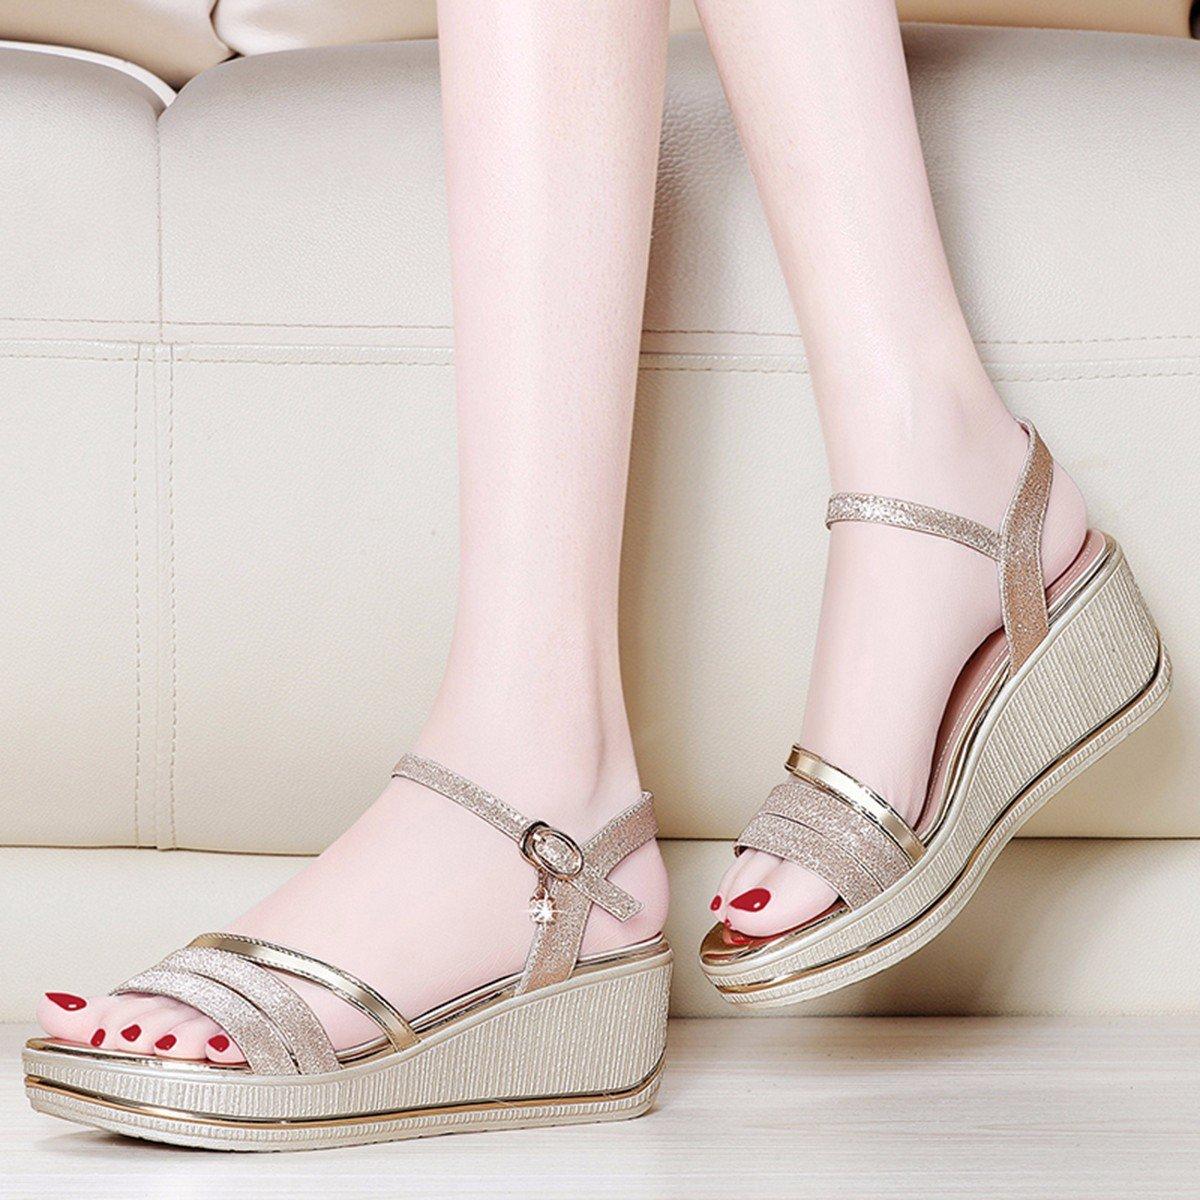 JRFBA-Schuhe Sandalen, Sommer Flachen Boden, Koreanischen Version, Neigung und Dicken Hintern Schuhe.  | Deutschland Store  | Zürich Online Shop